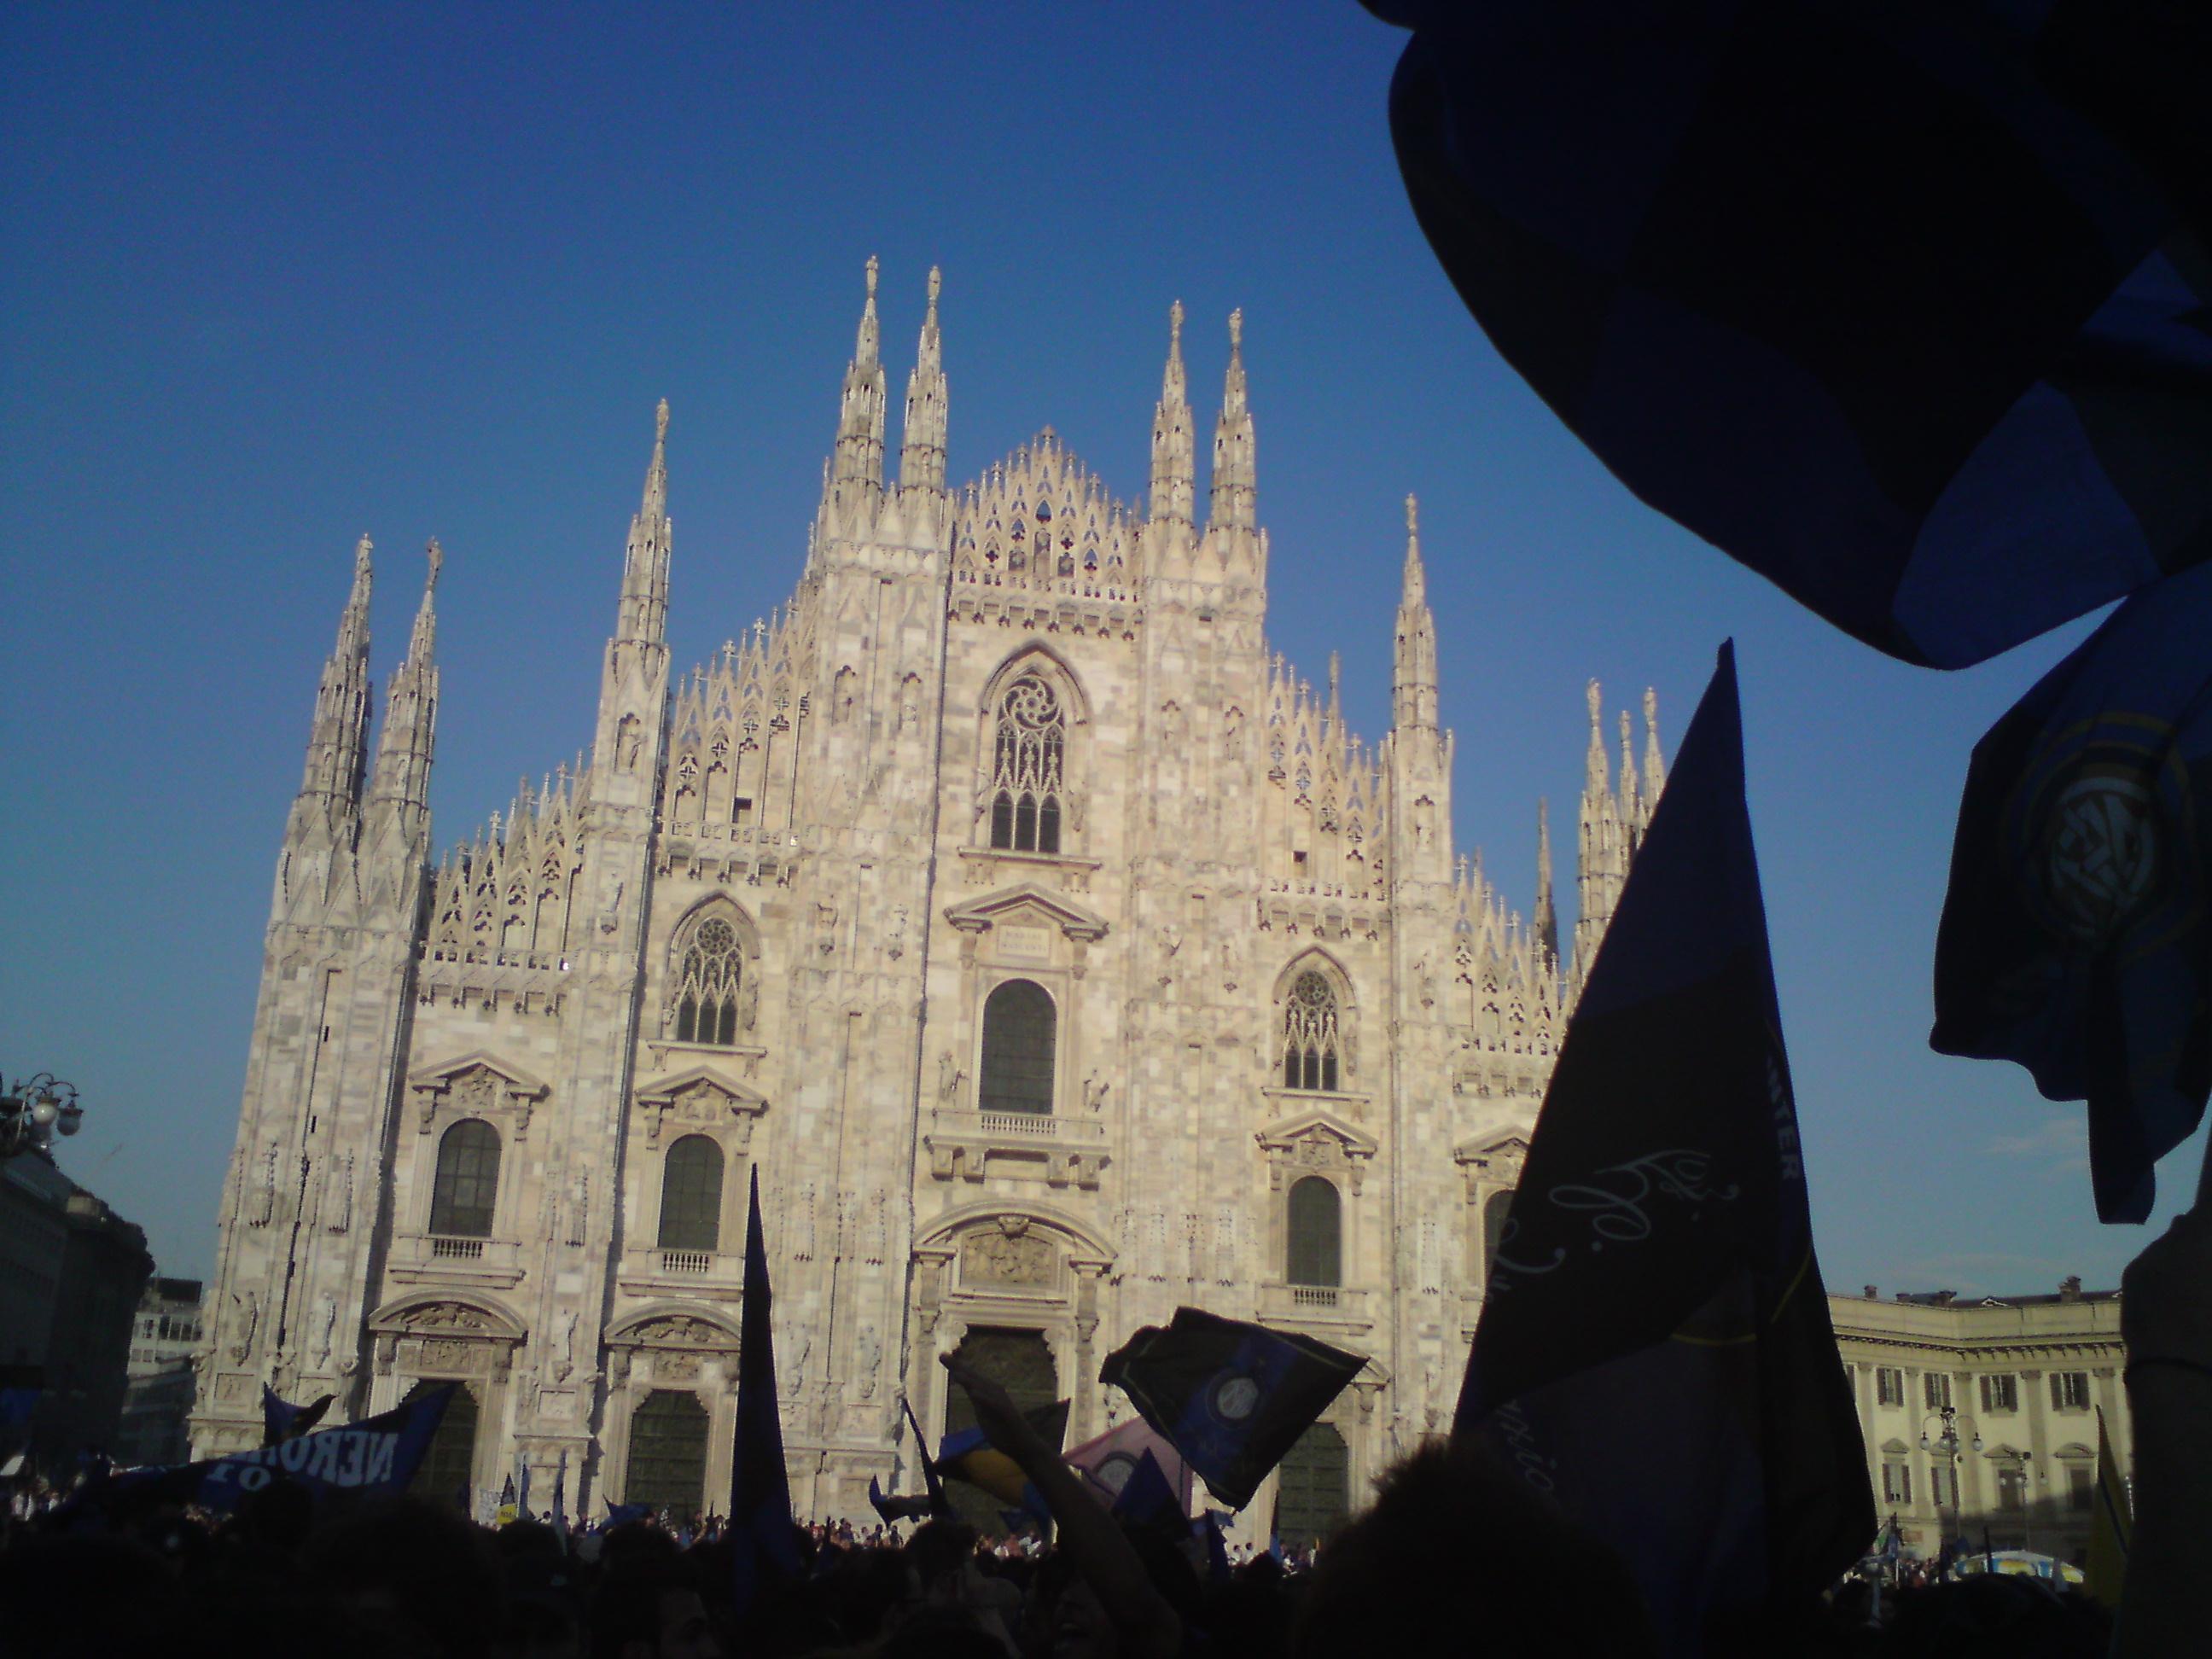 Am Piazza Duomo mit ein paar Interfans.